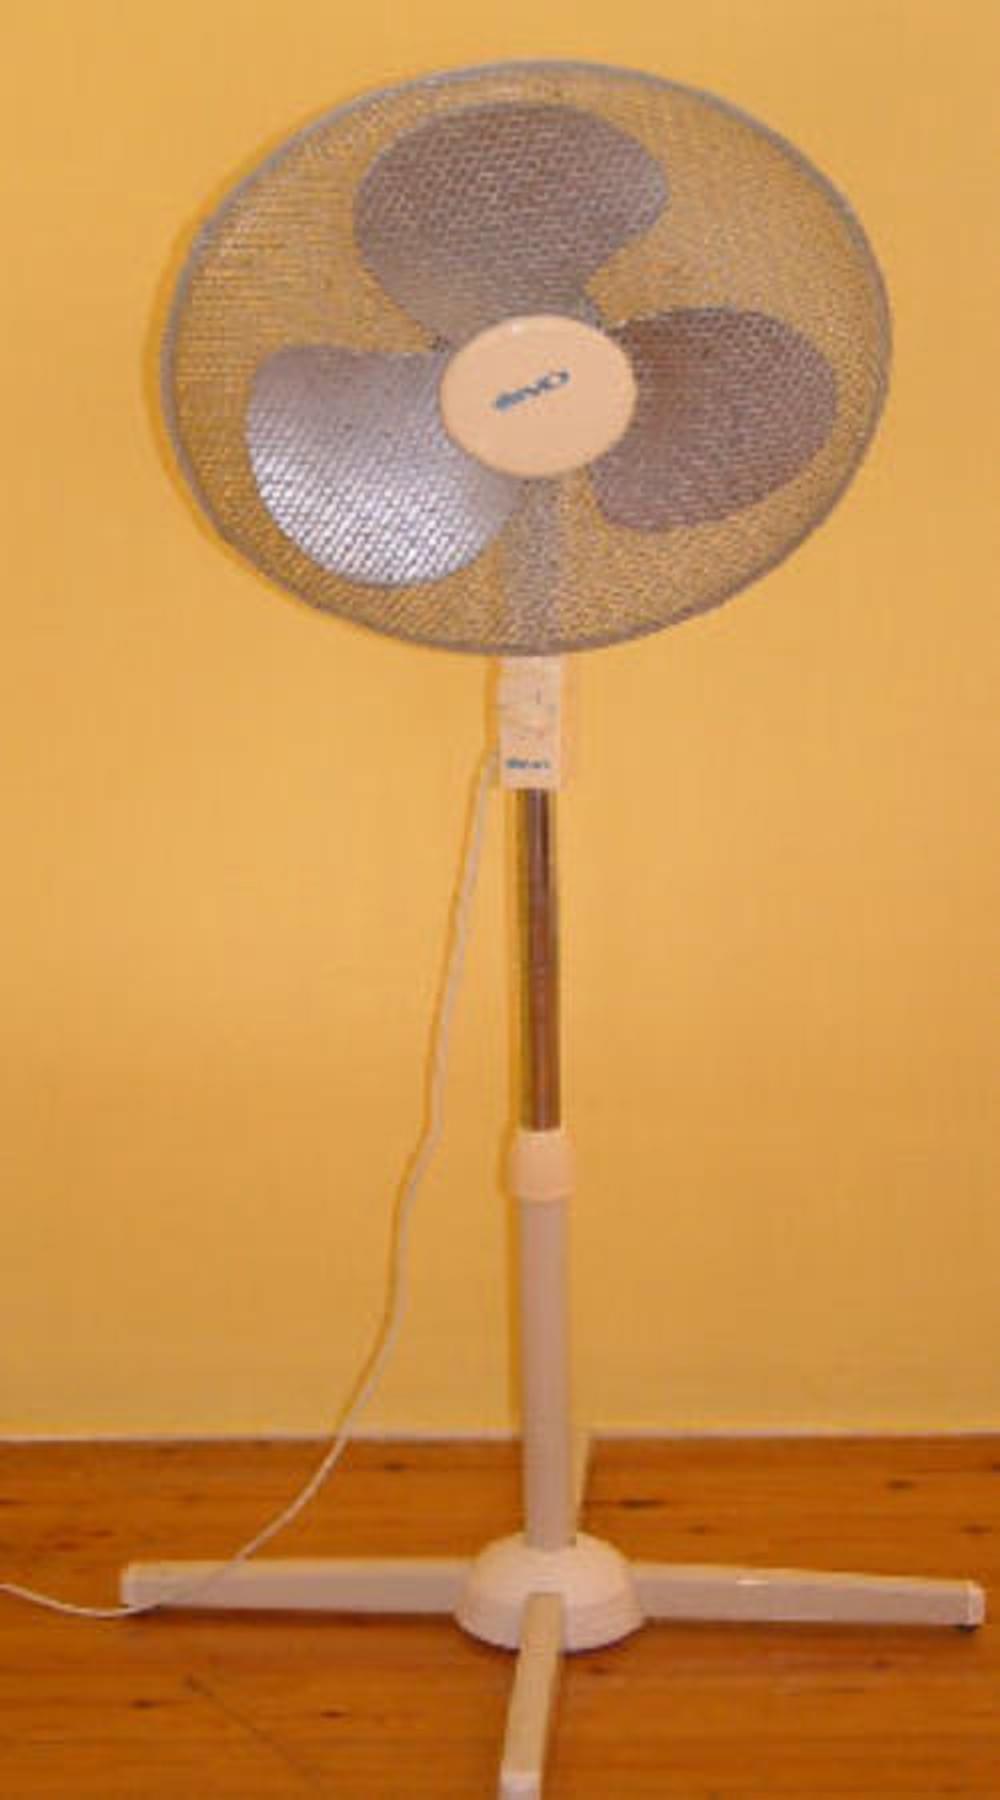 Air flow fan